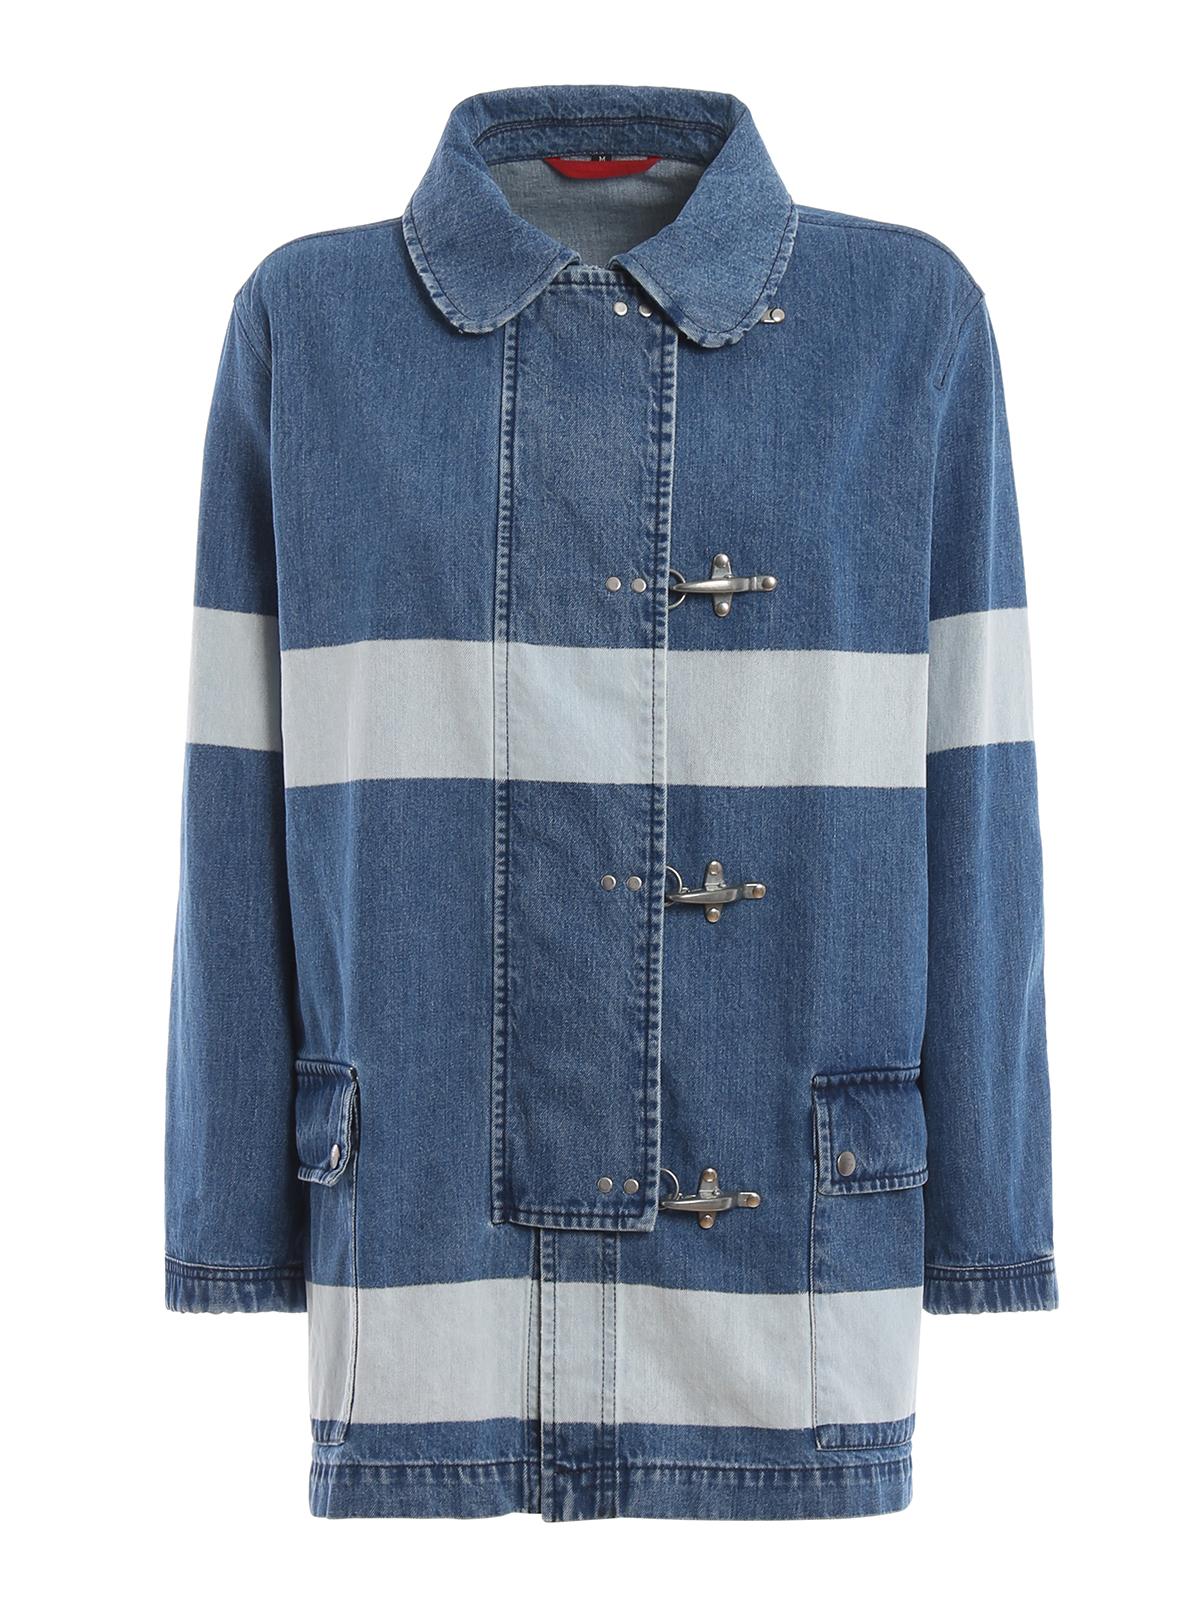 online store 62572 5c337 Fay - Giacca 4 Ganci in denim di cotone - giacche denim ...